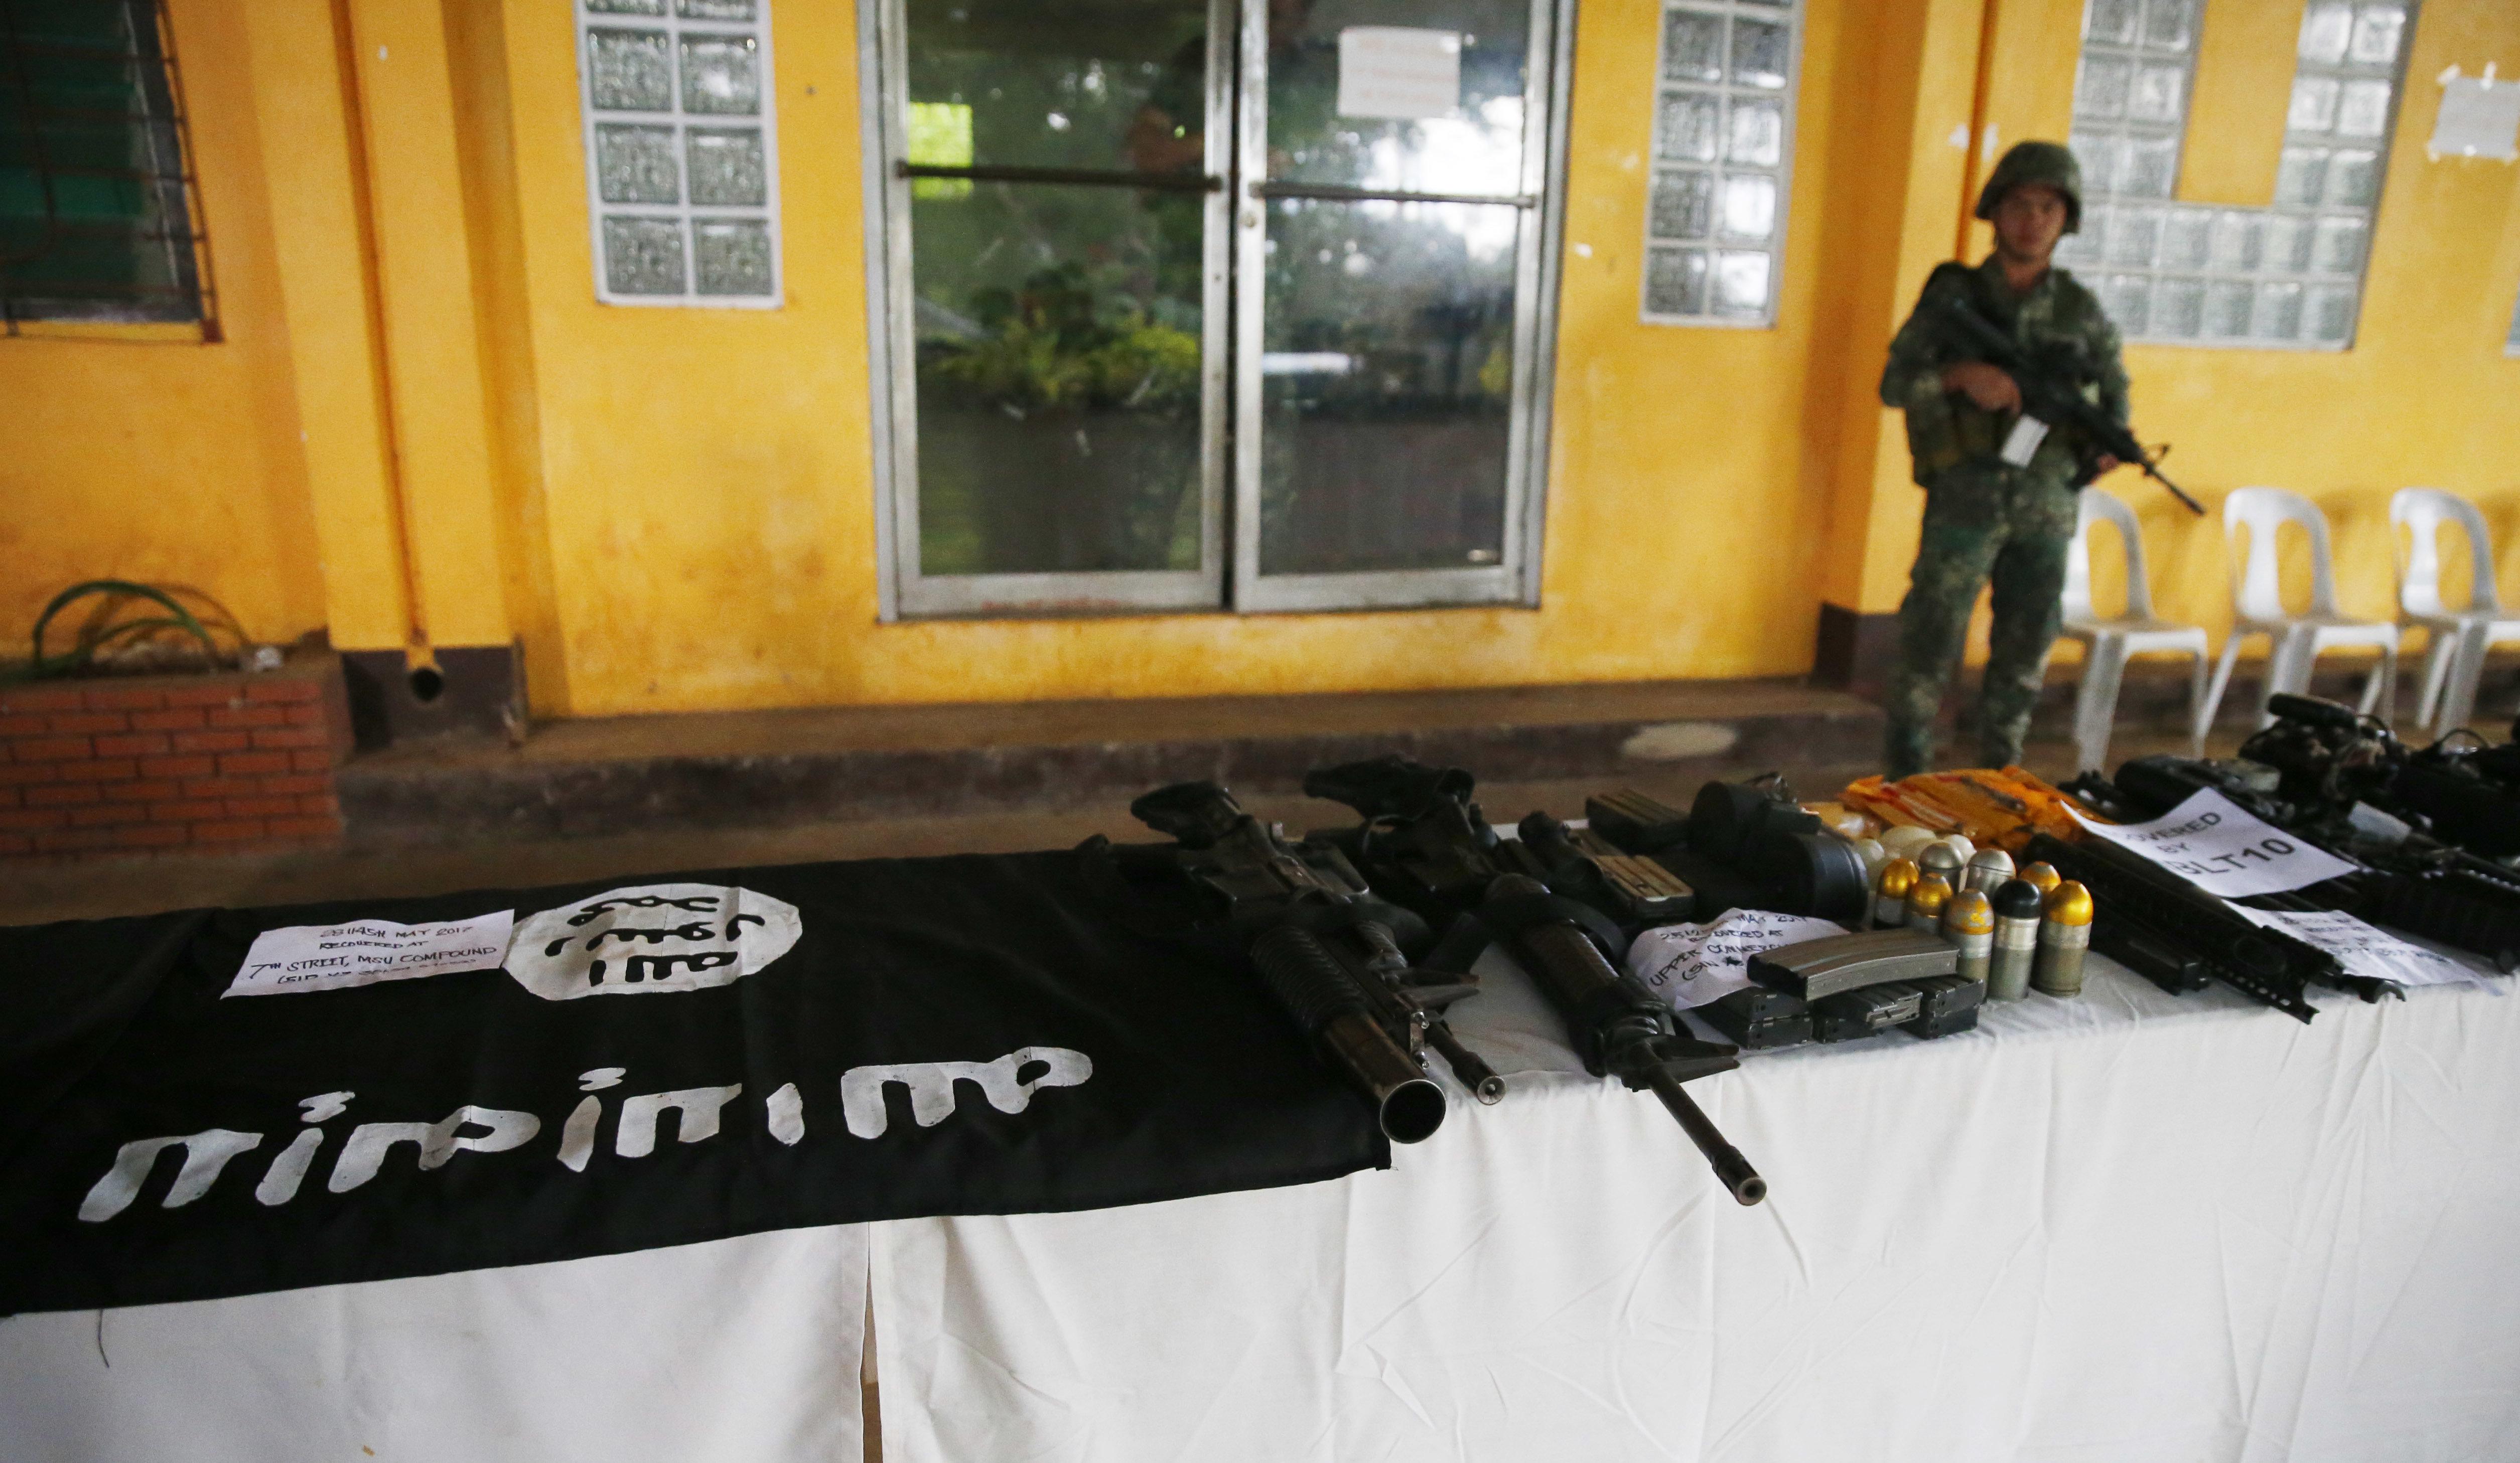 Ανάληψη ευθύνης από το ISIS για επιθέσεις με 118 νεκρούς στη δυτική